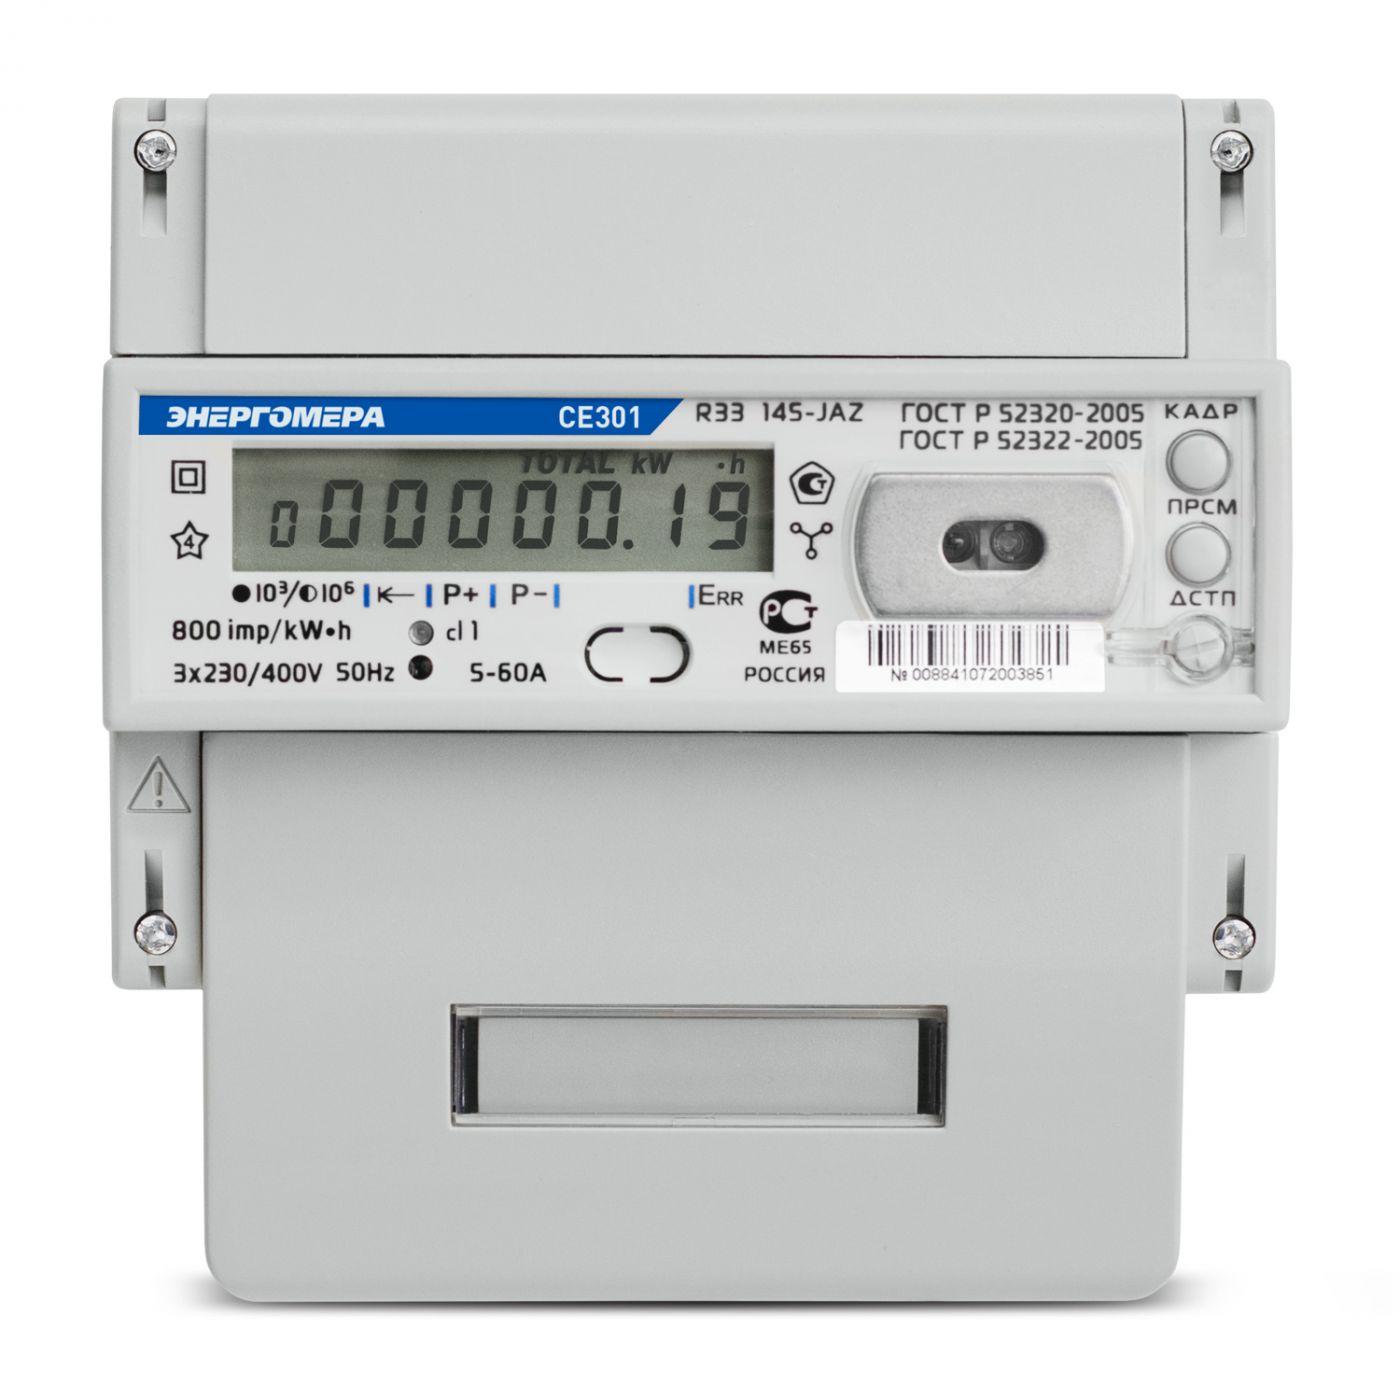 Счетчик электроэнергии трехфазный микропроцессорный многофункциональный  CE301-R33 043 JAZ